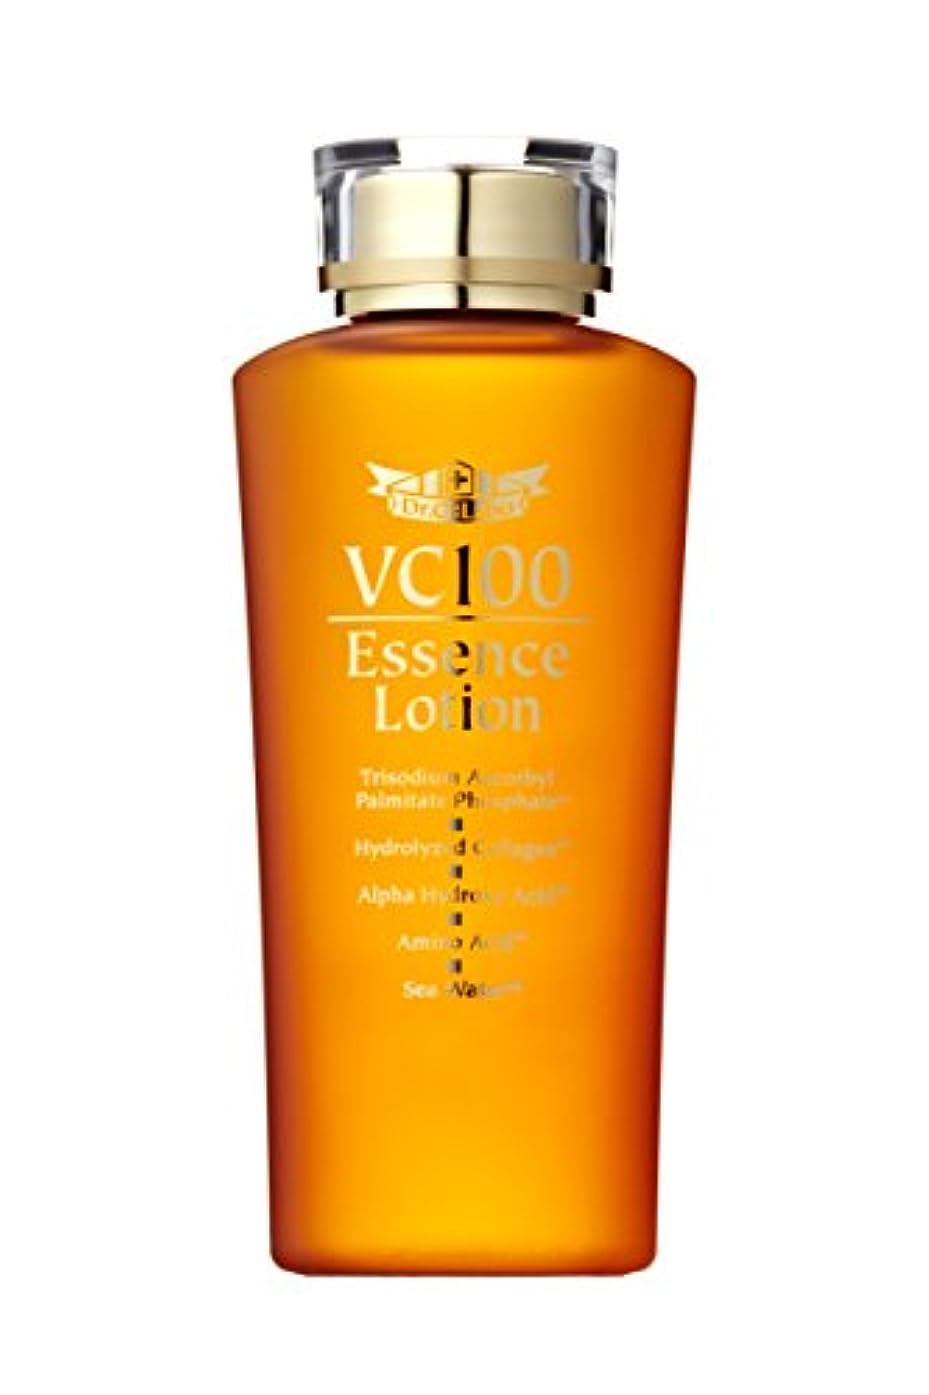 天才言い換えるとぐったりドクターシーラボ VC100エッセンスローション 高濃度ビタミンC 化粧水 150ml